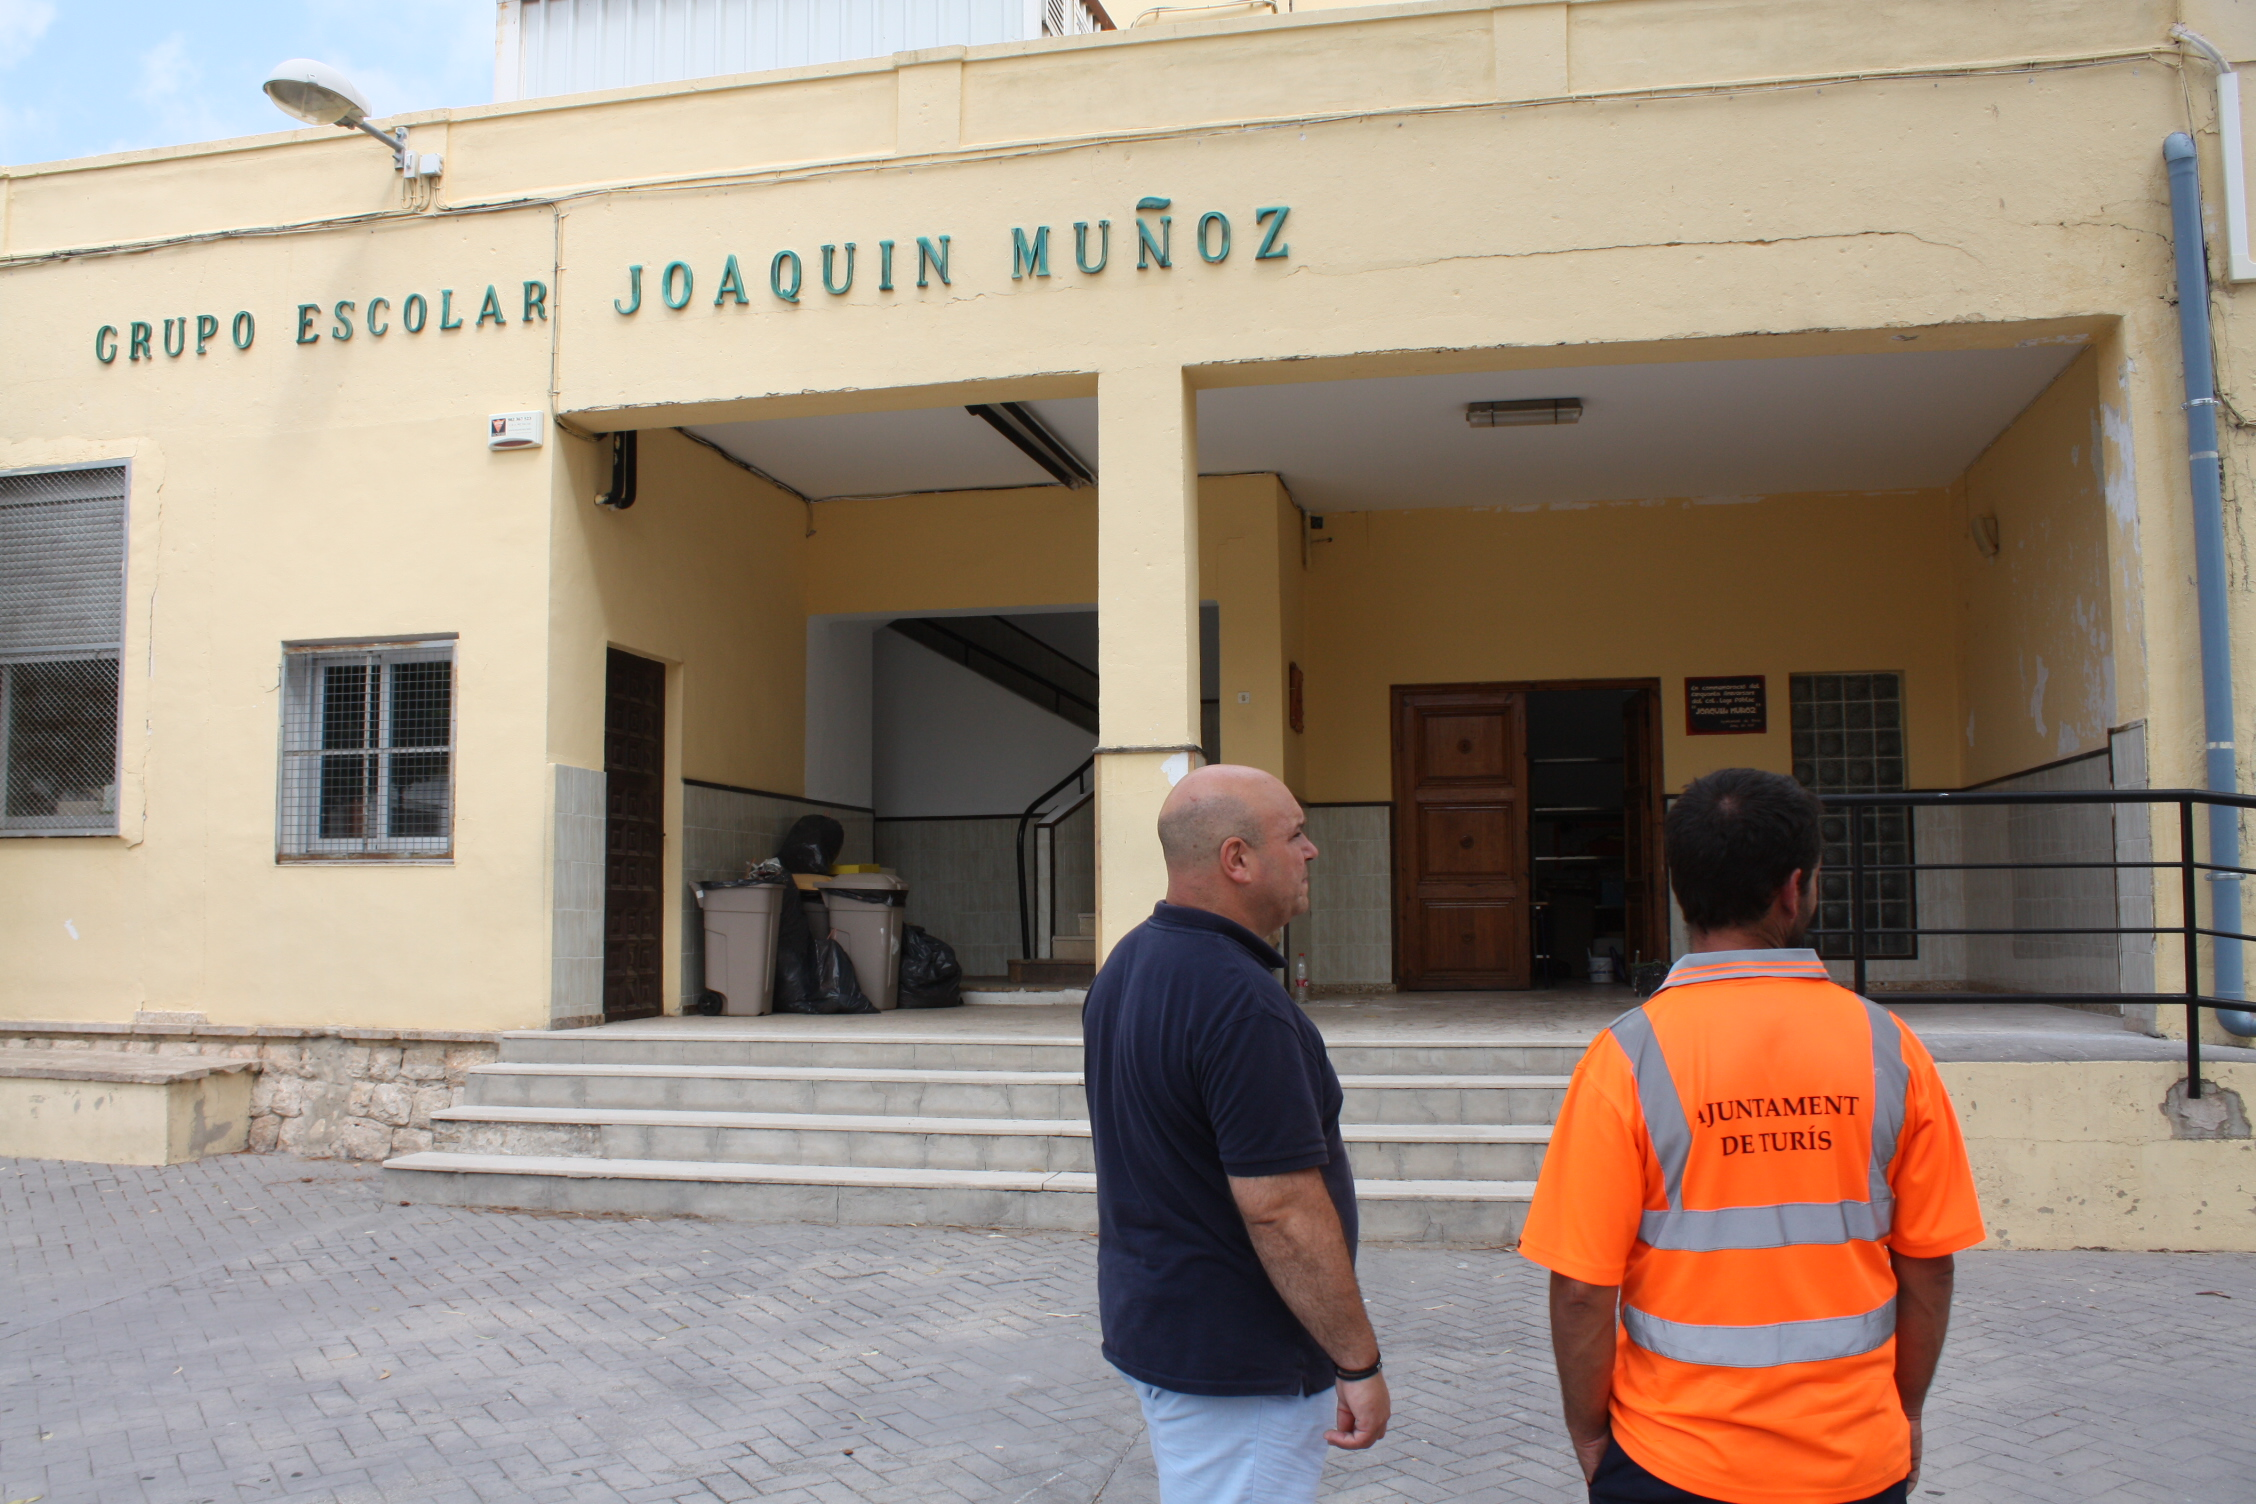 Después de casi un mes y medio de obres y restauración, el colegio Joaquin Muñoz de Turís se encuentra a punto de empezar el curso 2018-2019 con unas mejores condiciones de sus infraestructuras debido al plan de mejora de escuelas.